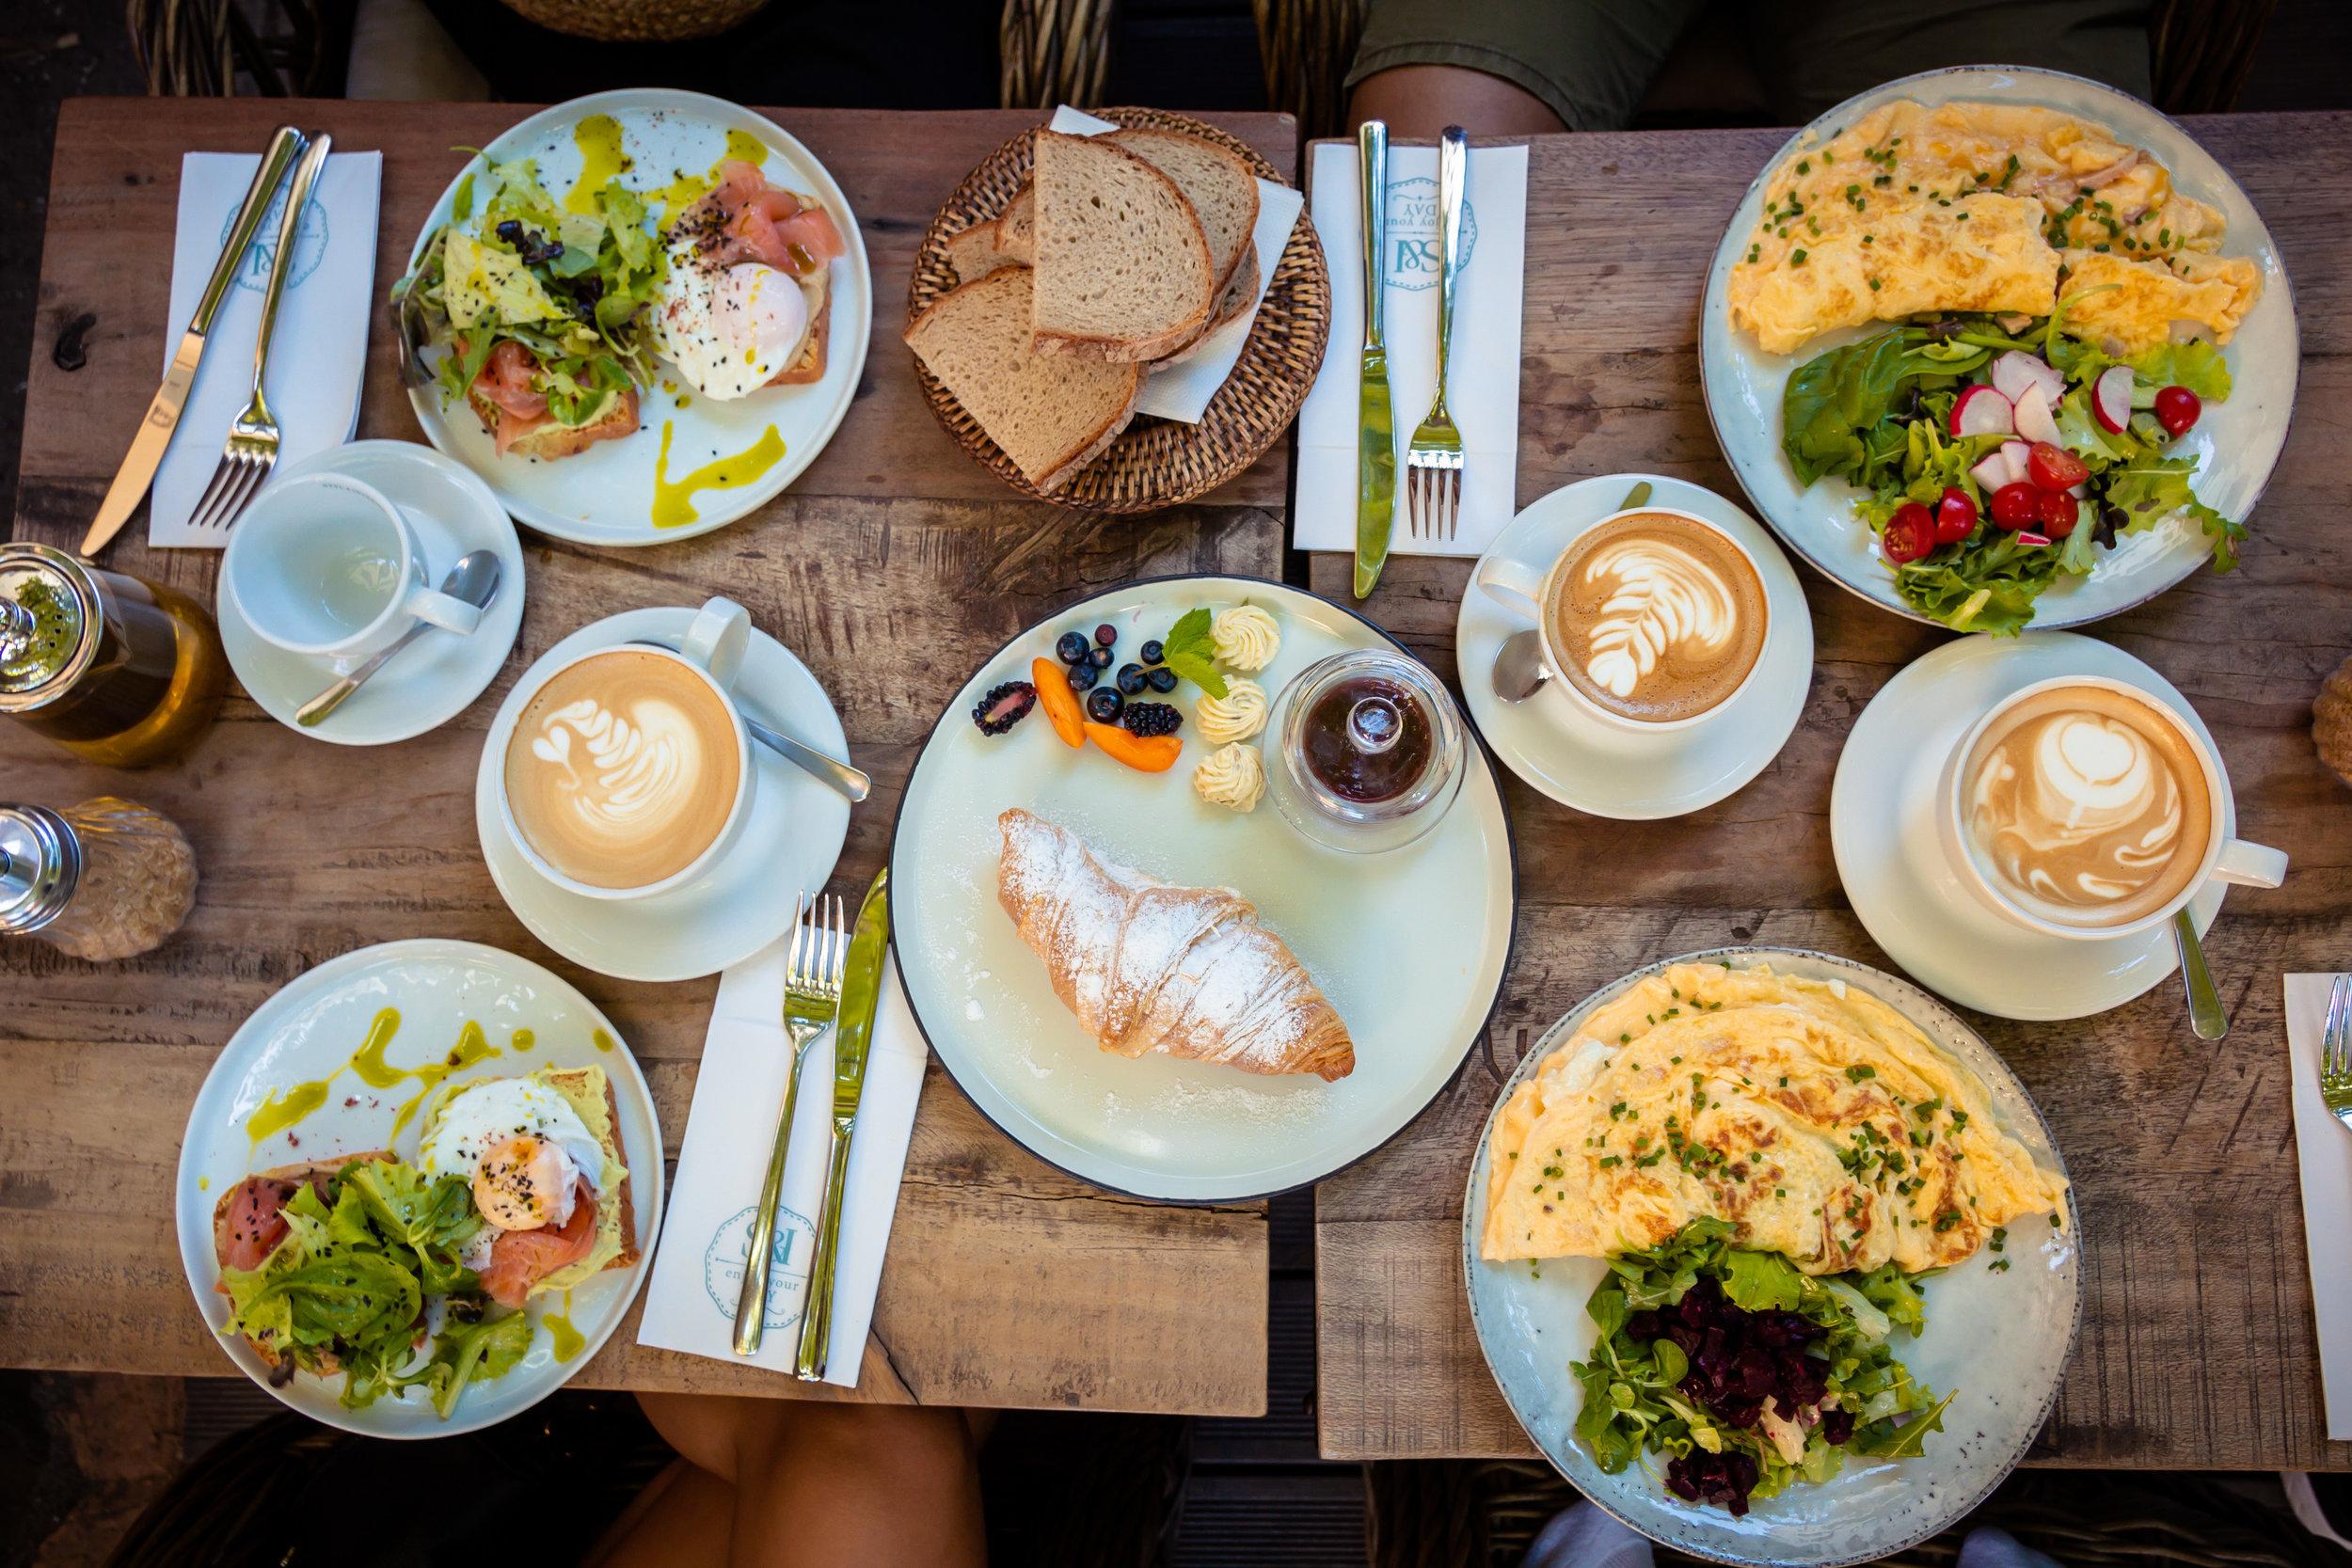 Desayuno Incluido - Busca hospedajes u hoteles que incluyan el desayuno. Esto es un ahorro diario y dinero que podrás utilizar para la cena o almuerzo. Por ejemplo, una familia de 5 puede ahorrar $60 diarios al buscar un hotel con desayuno incluido.